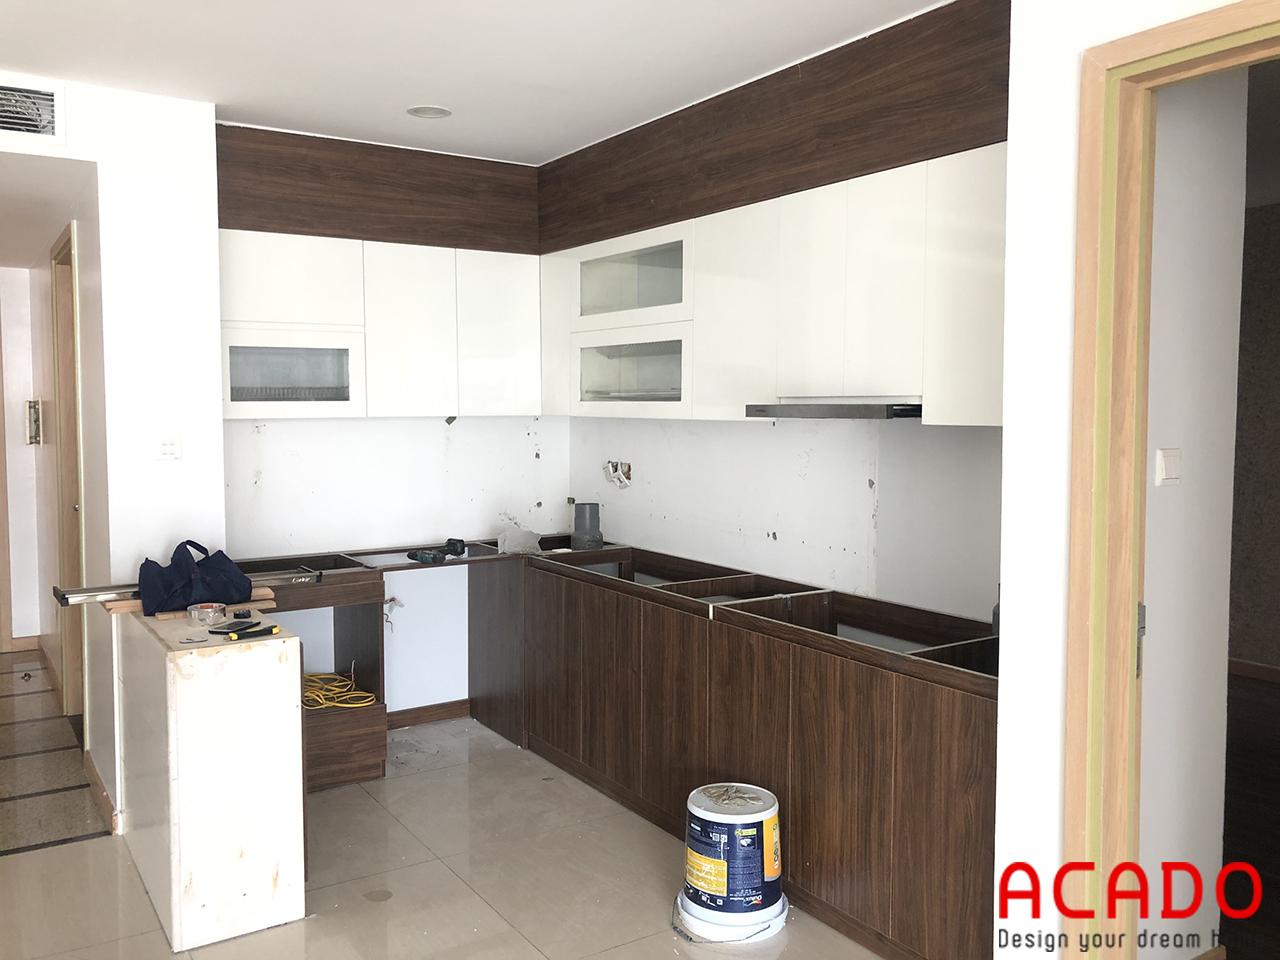 Sự kết hợp giữa màu trắng và màu vân gỗ tạo nên một bộ tủ bếp hiện đại và trẻ trung